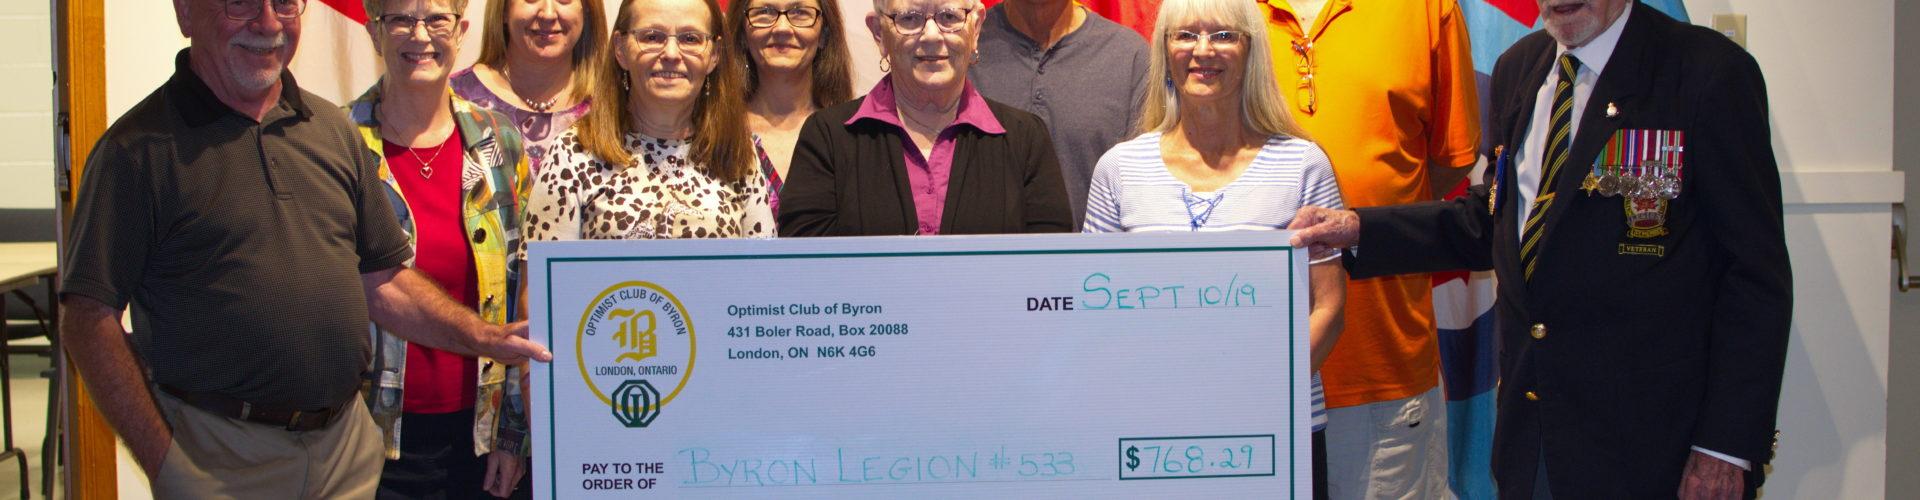 Optimist Club of Byron Donation